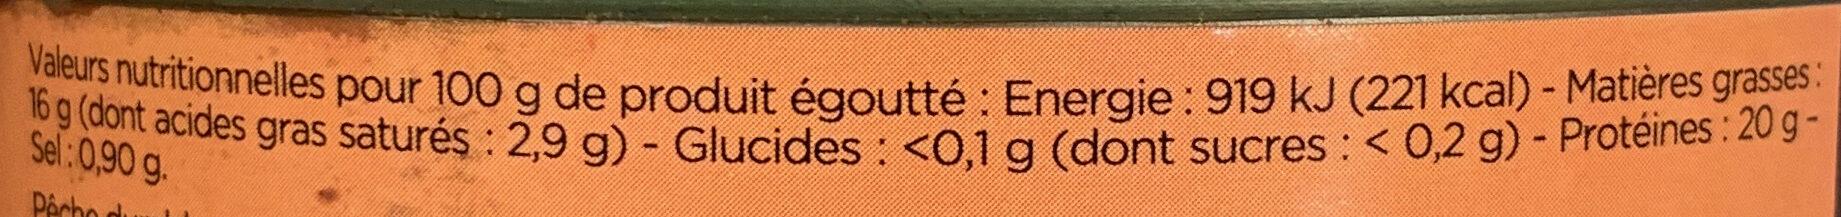 Sprats fumés de Riga graines de moutarde - Nutrition facts - fr